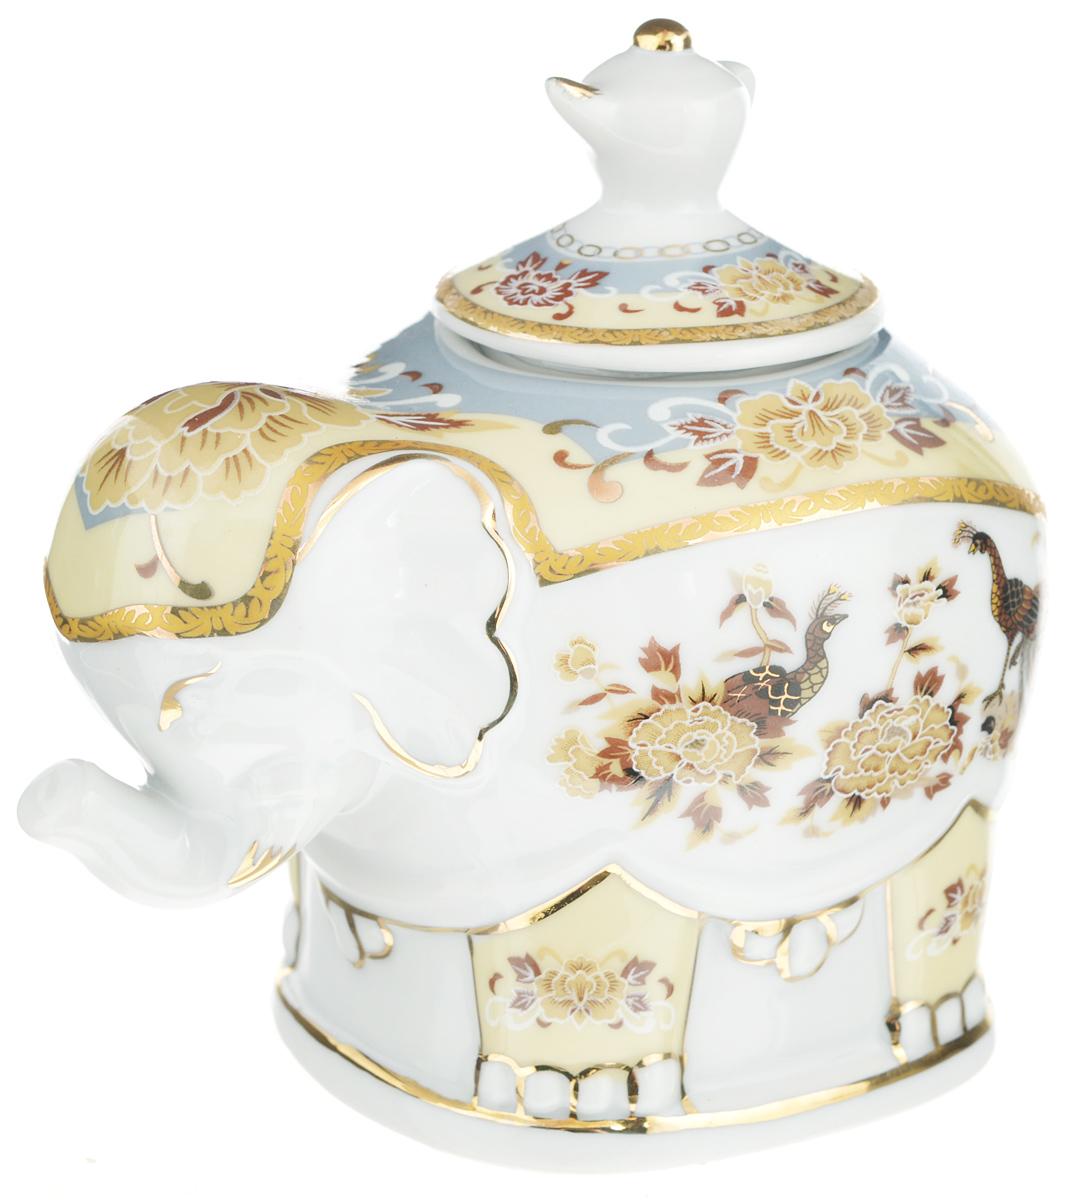 Чайница Elan Gallery Слон, 350 мл503840Чайница Elan Gallery Слон, изготовленная из высококачественной керамики, идеально подойдет для хранения вашего любимого сорта чая. Изделие выполненное в виде слона, оформлено оригинальным рисунком. Крышка декорирована ручкой в виде чайника. Специальная силиконовая вставка на крышке не даст потерять чаю свой аромат. Такая чайница украсит интерьер вашей кухни и подчеркнет прекрасный вкус хозяина, а также станет отличным подарком к любому празднику. Не использовать в микроволновой печи. Размер чайницы (с учетом крышки): 12 х 8 х 11 см. Диаметр горлышка: 4 см.